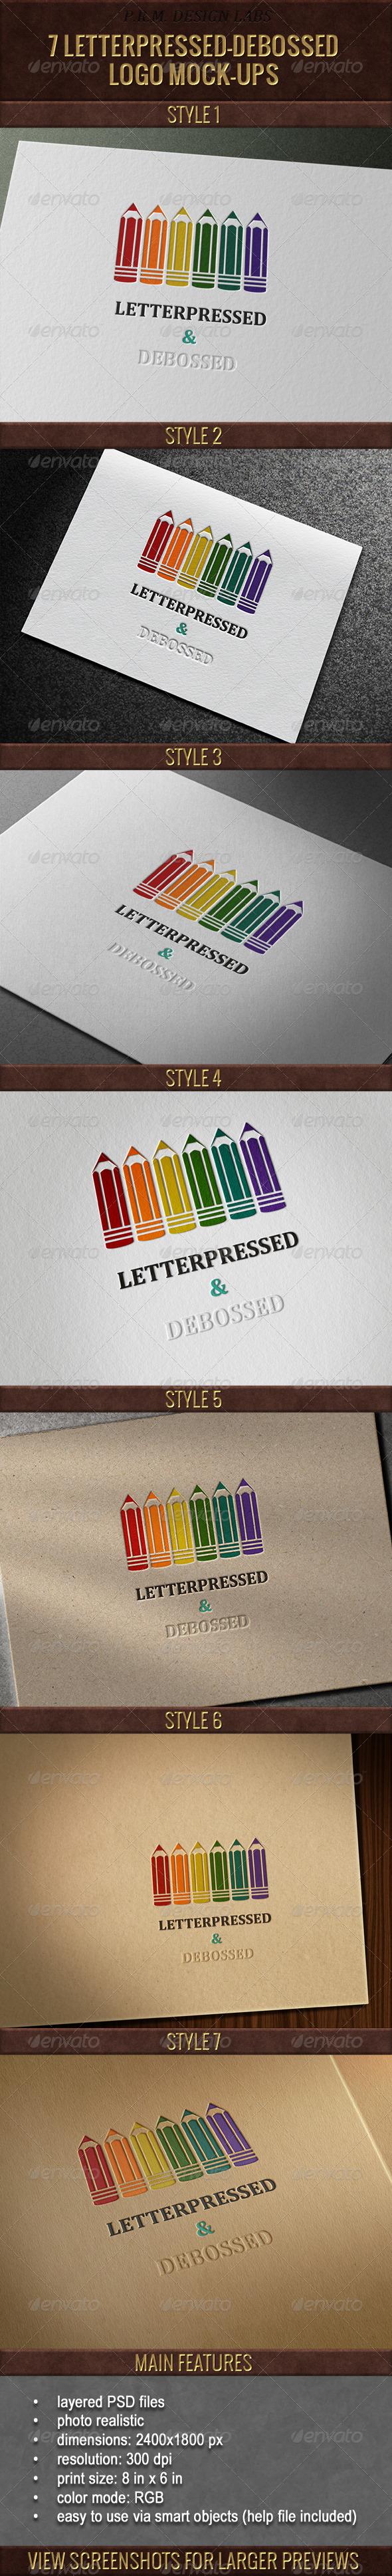 GraphicRiver 7 Letterpressed-Debossed Logo Mock-Ups 3760400